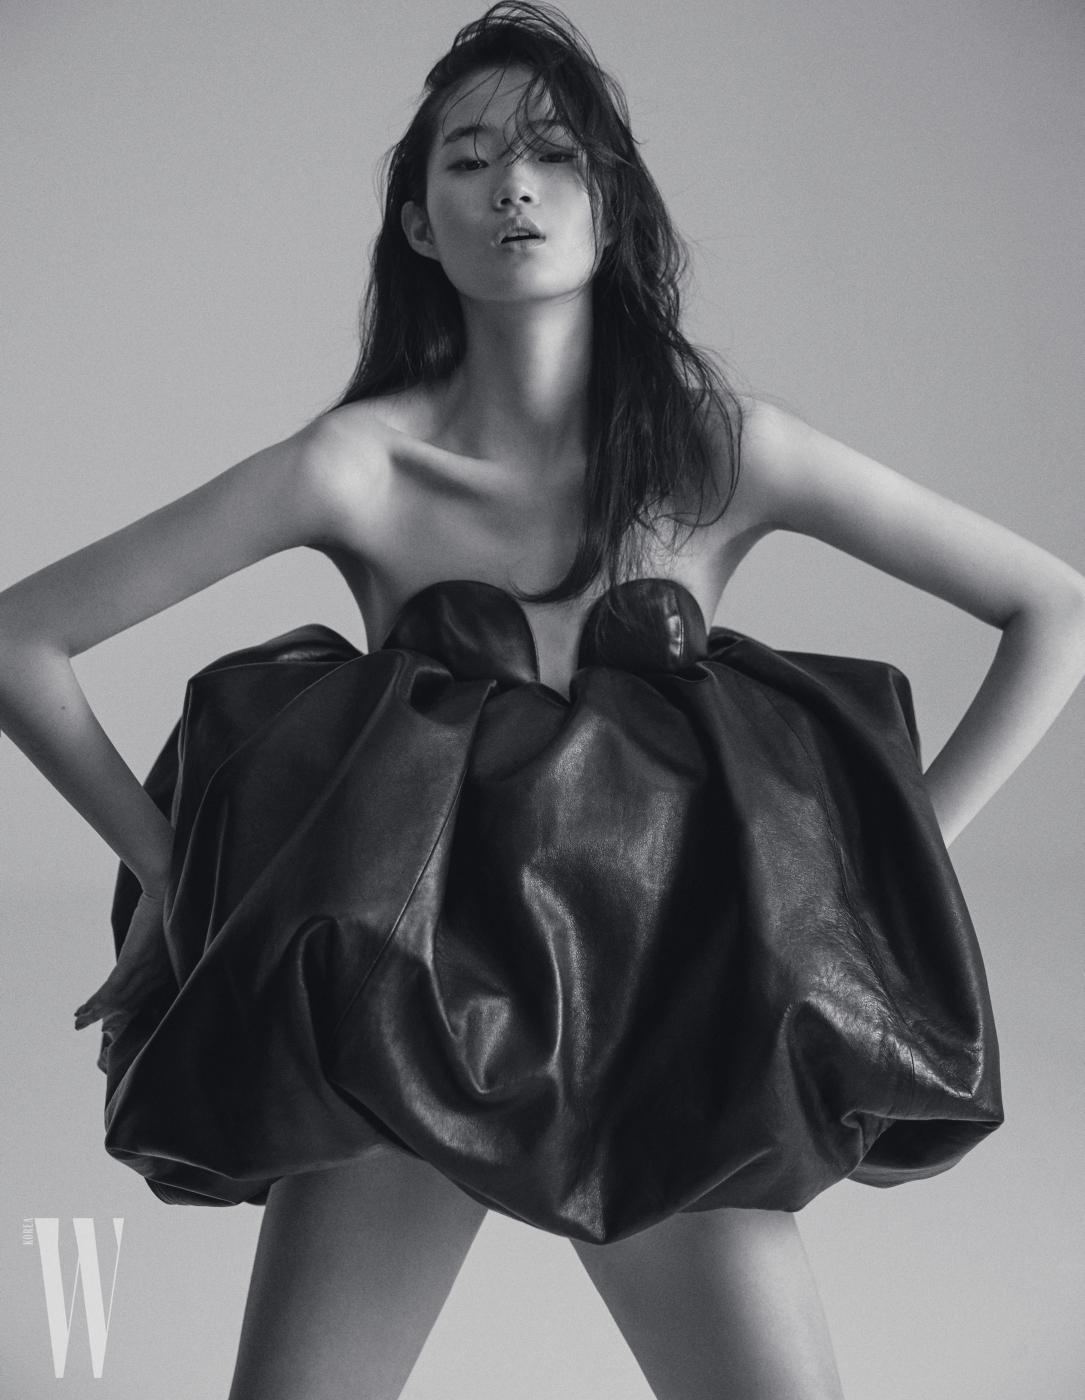 입체적인 볼륨감이 독특한 가죽 드레스는 Saint Laurent by Anthony Vaccarello 제품.